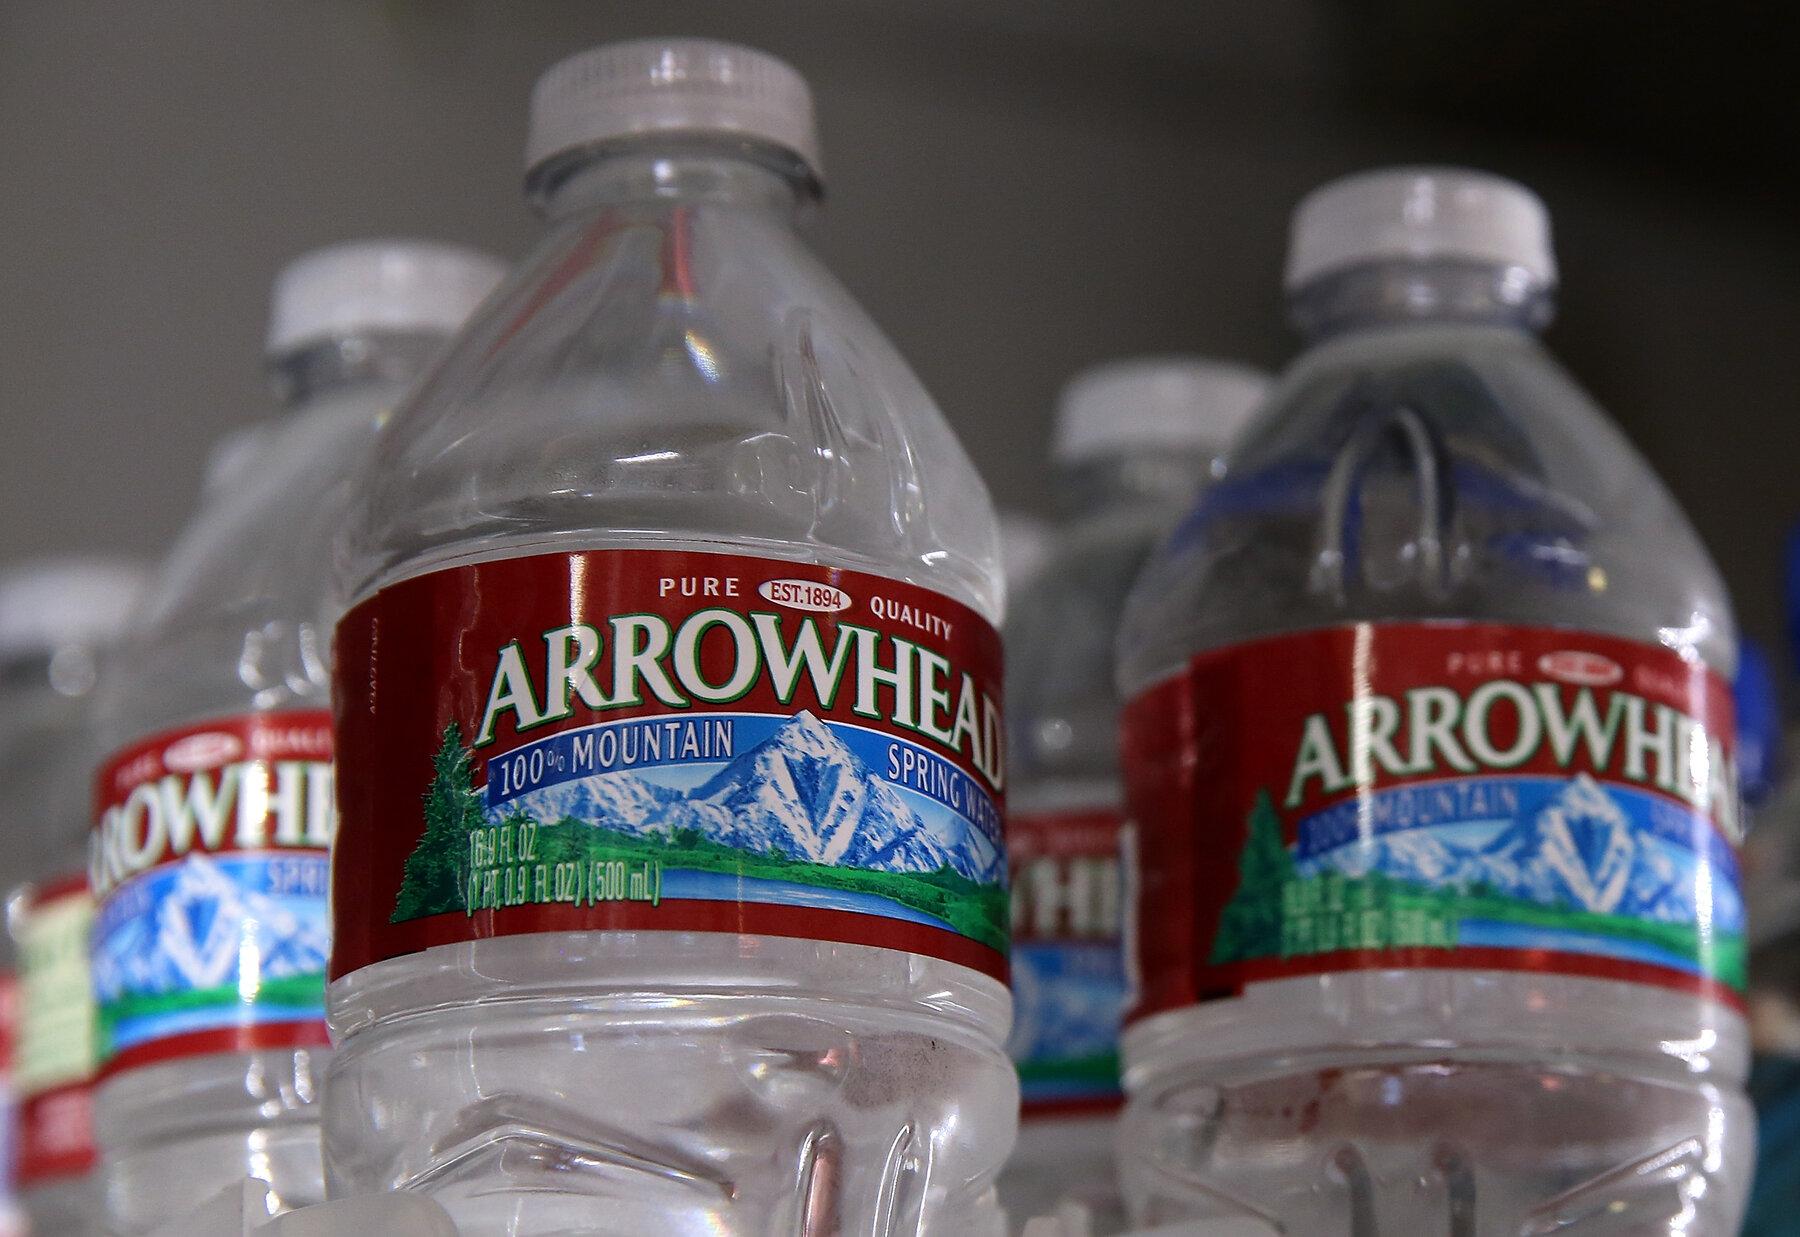 加州面临水资源短缺,官员指责瓶装水公司调水过度